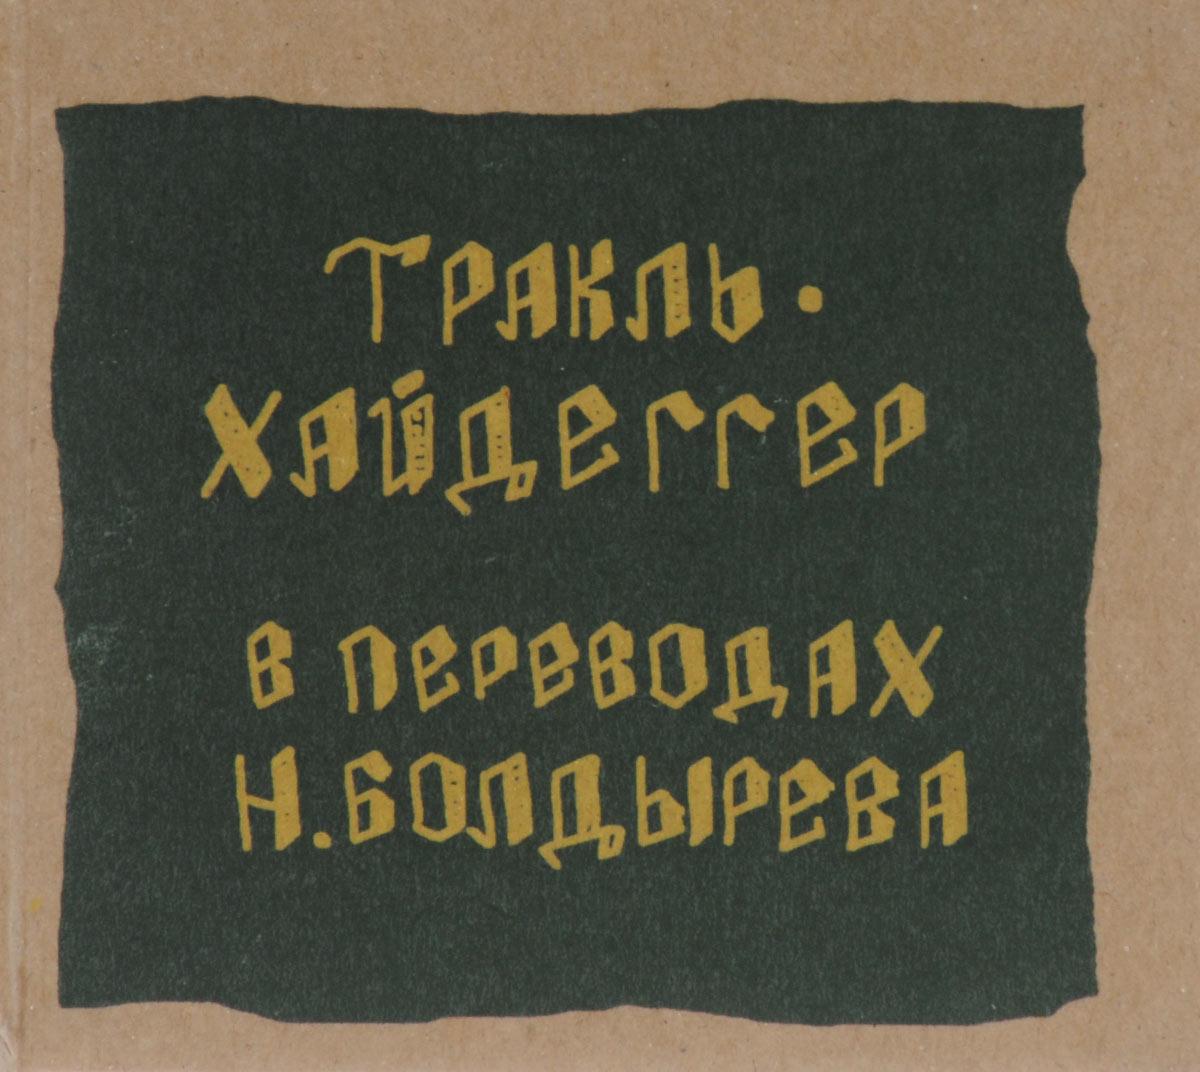 Георг Тракль,Мартин Хайдеггер Георг Тракль. Песнь Отрешенного. Мартин Хайдеггер. Язык поэмы цена 2017